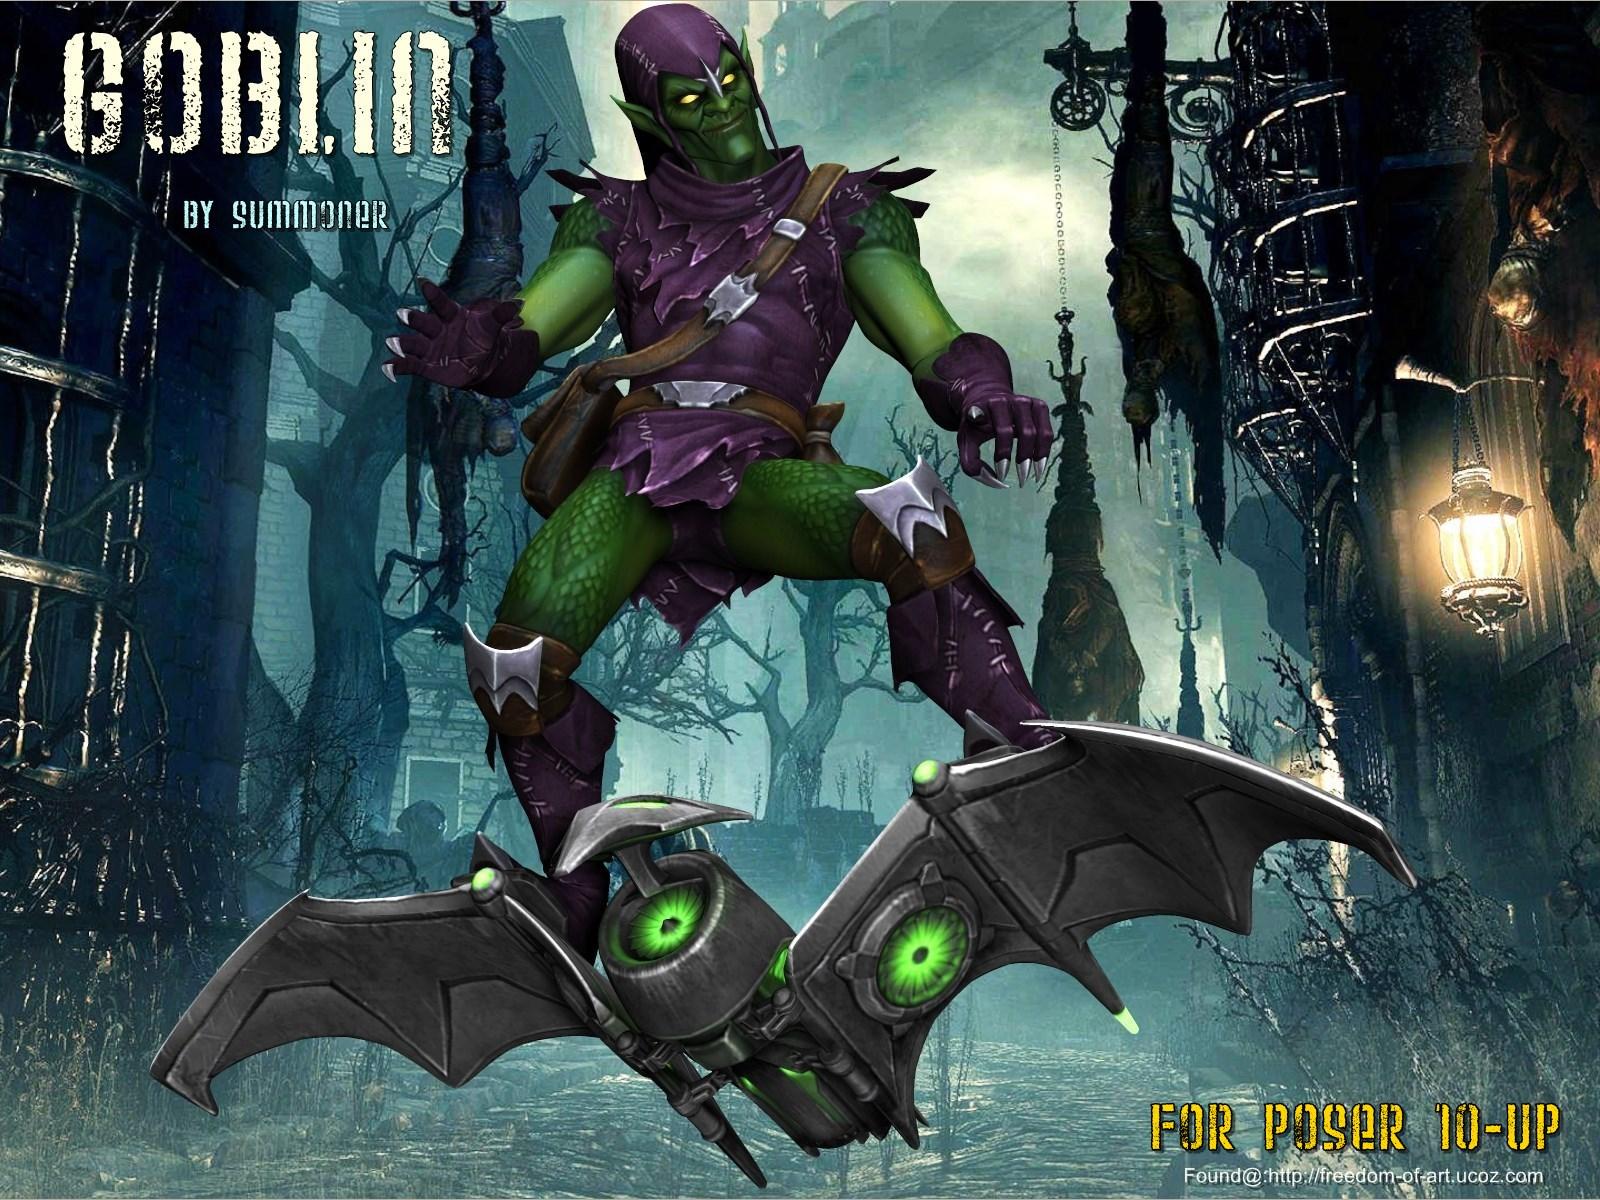 Summoner's Goblin